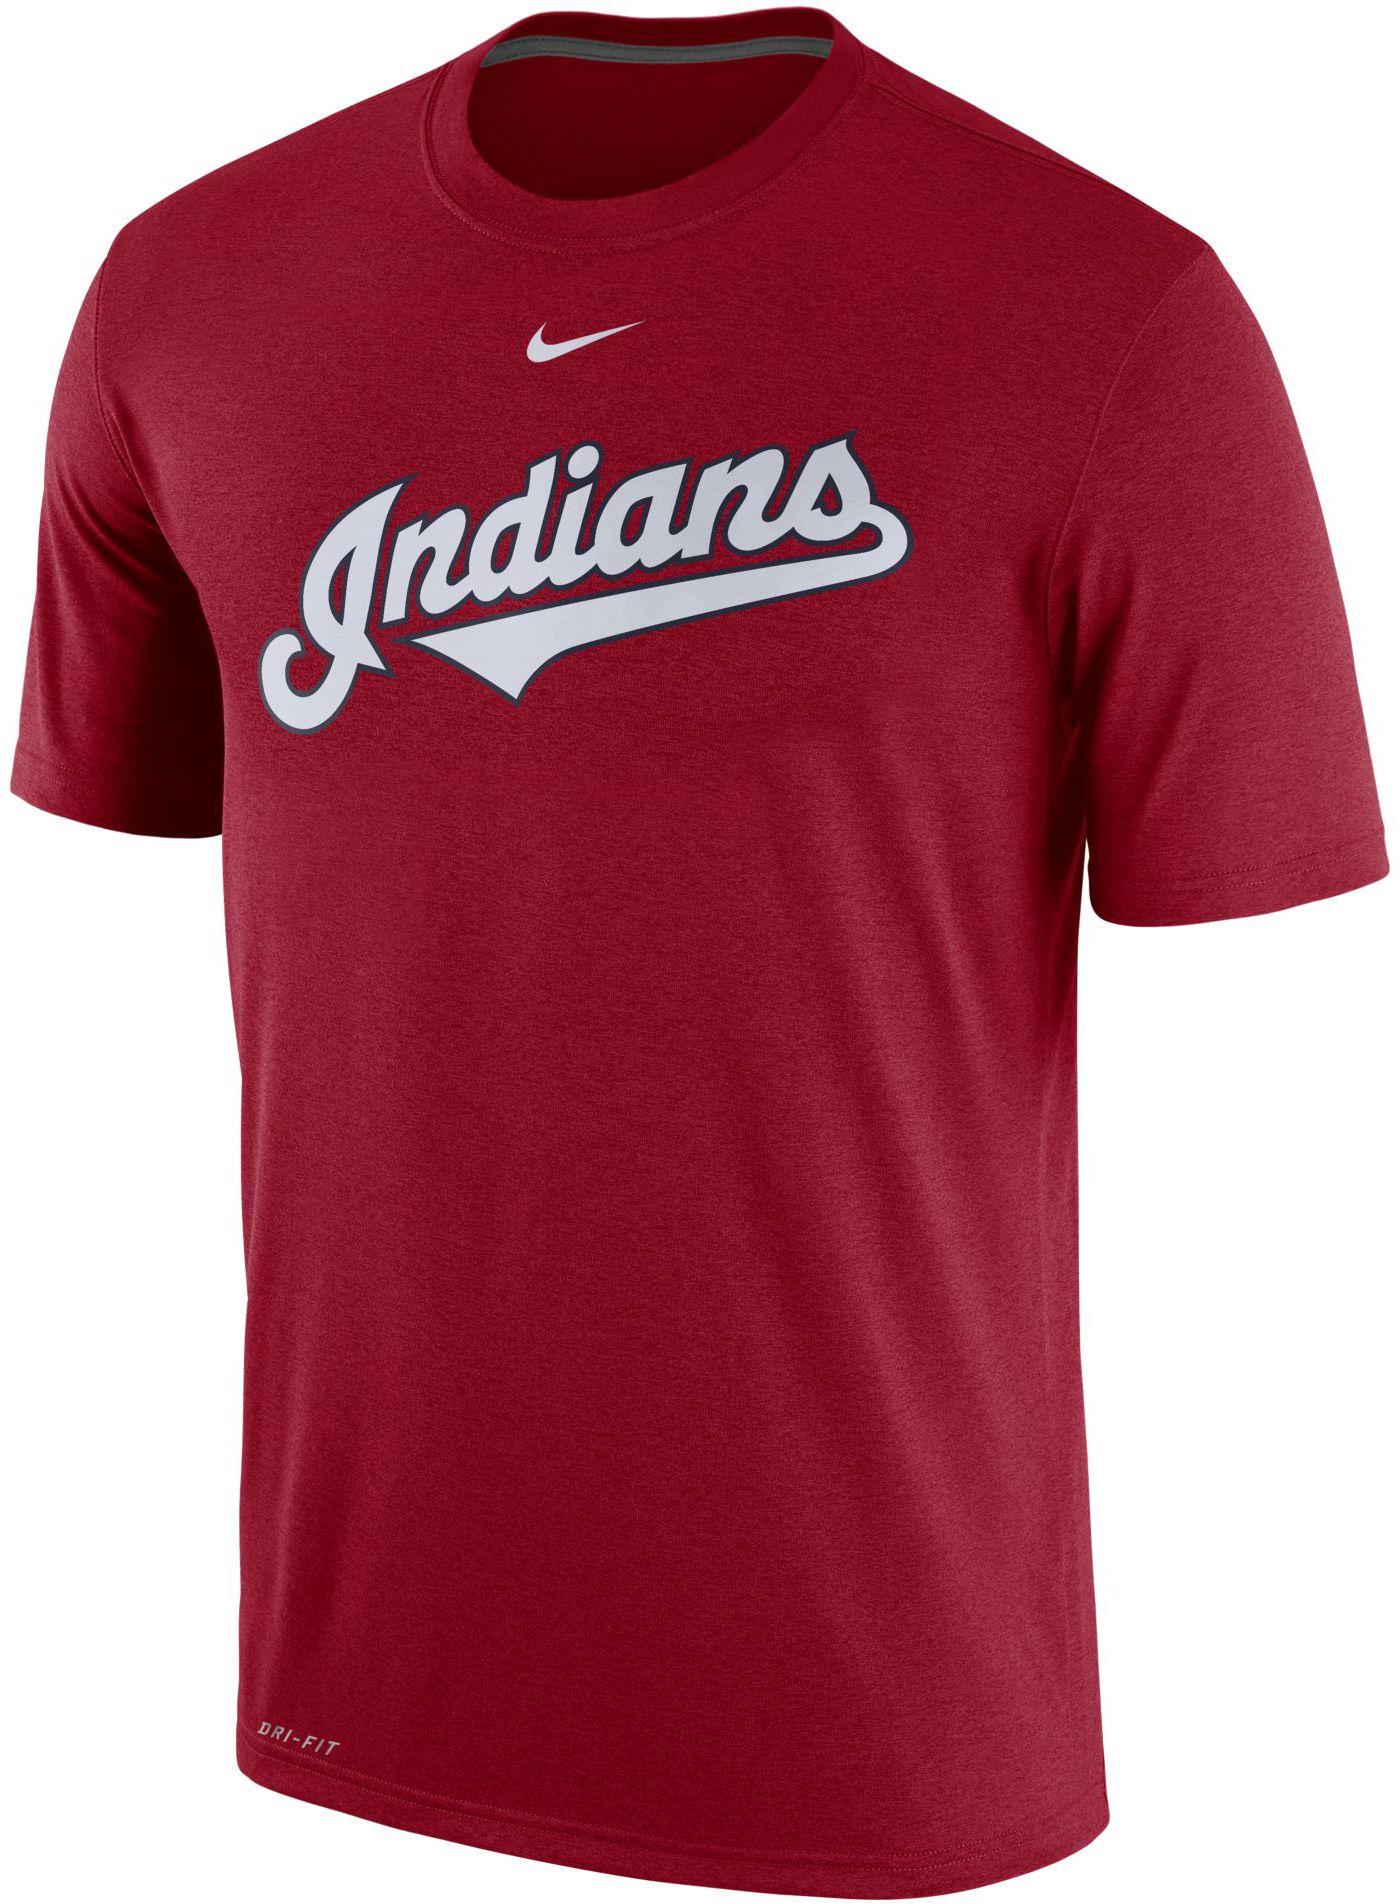 Nike Men's Cleveland Indians Dri-FIT Legend T-Shirt